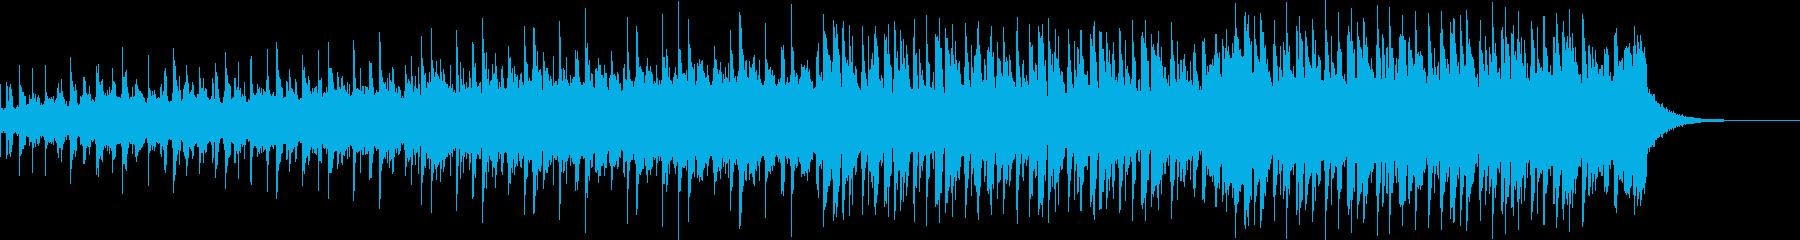 【夏】爽やかで軽快なADM・EDMの再生済みの波形